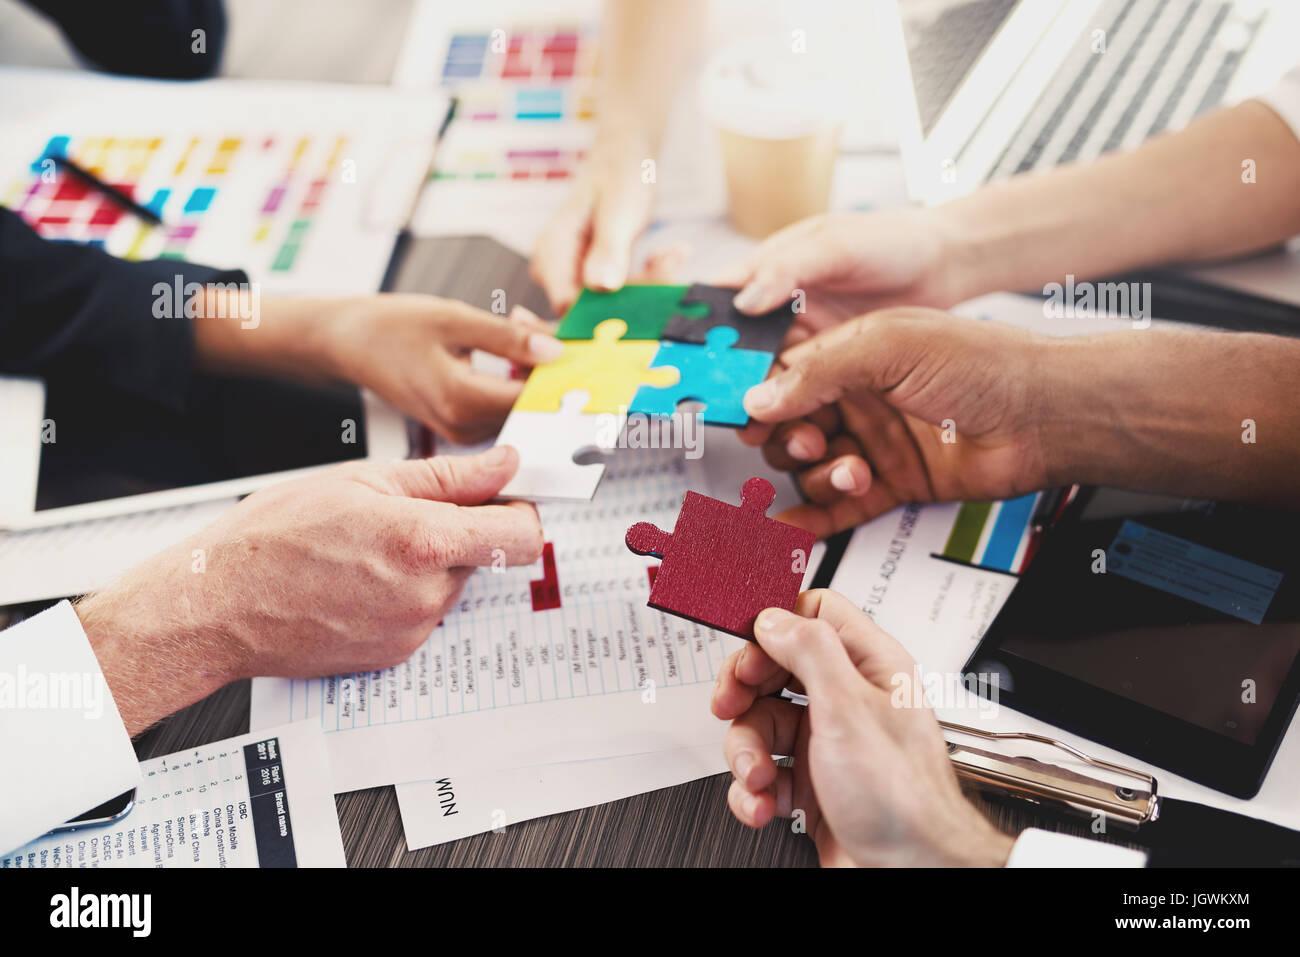 Equipo de empresarios trabajar juntos para construir un rompecabezas. Concepto de unidad y colaboración Imagen De Stock